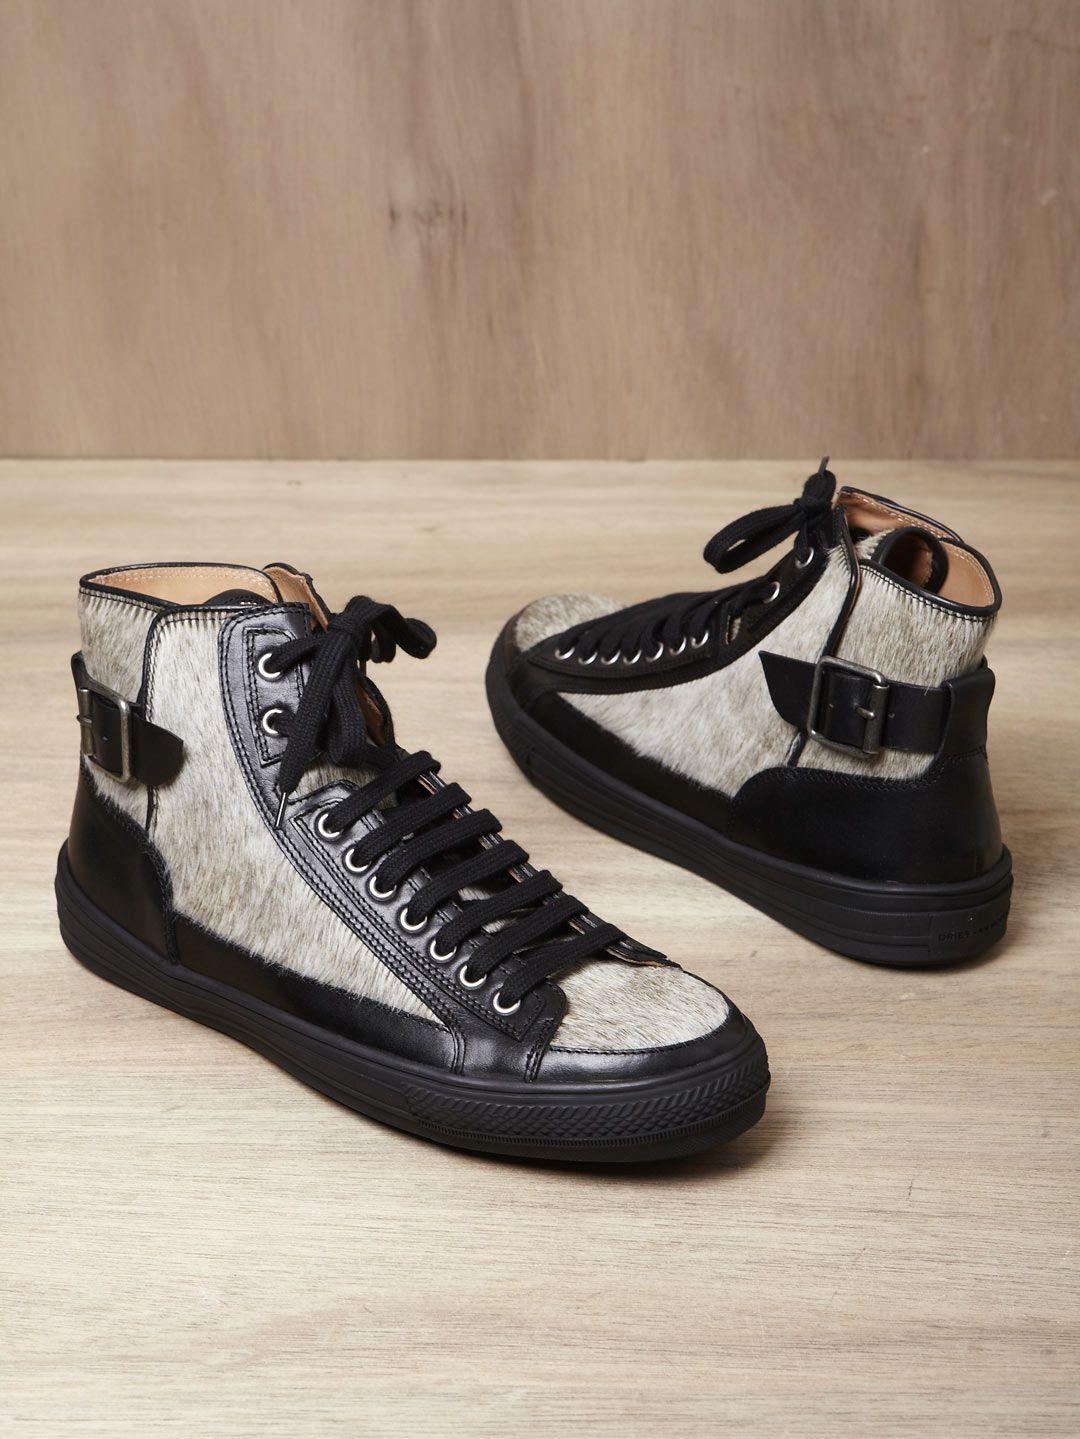 0b61ae1d076 dries van noten men s buckle high top sneakers £146.00